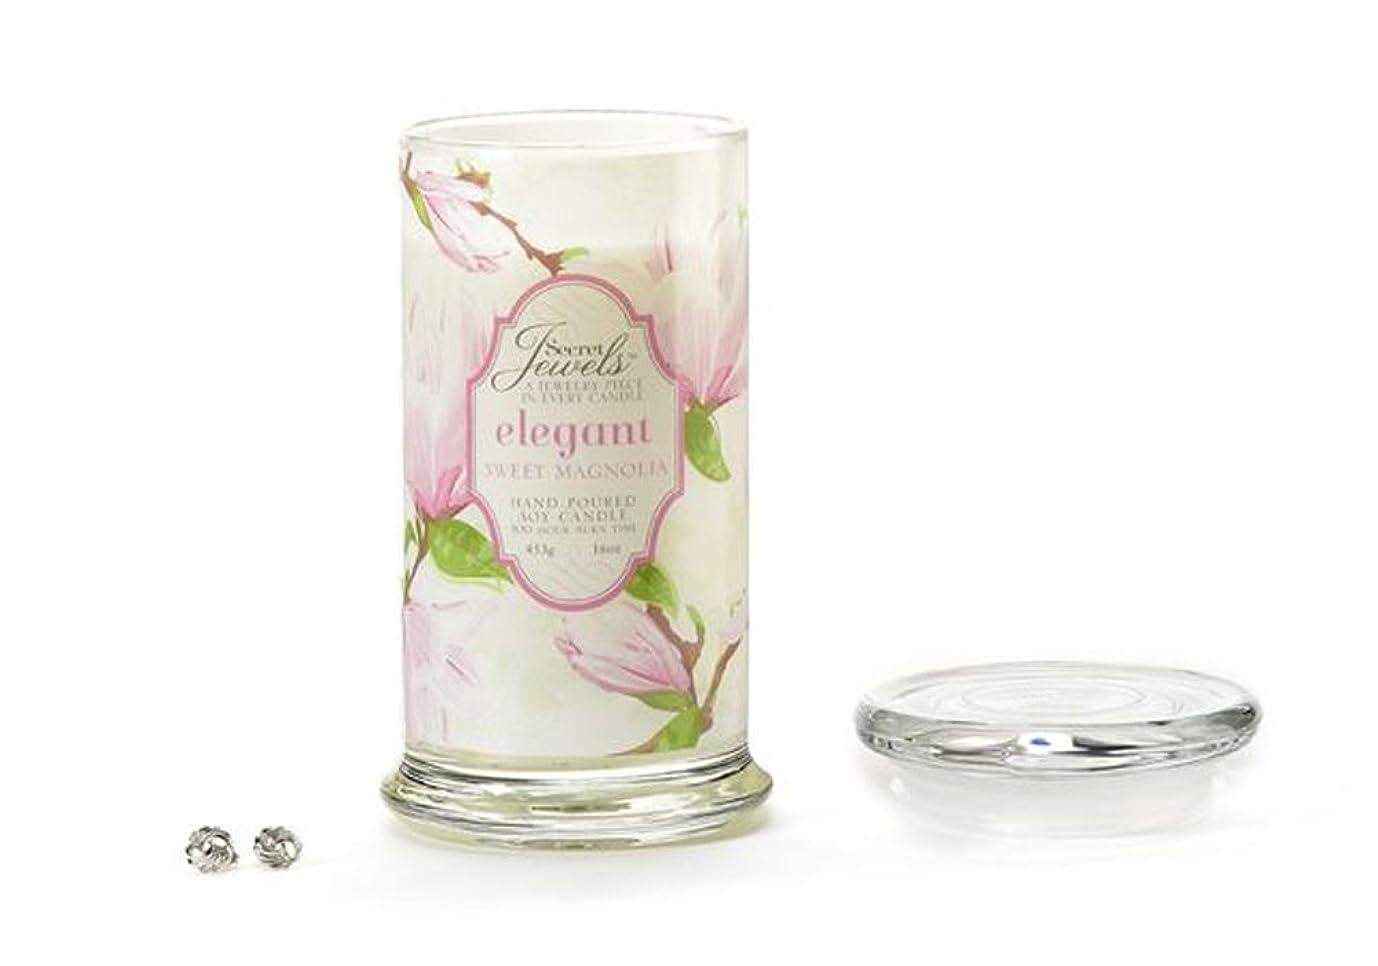 癌野な写真撮影(Magnolia) - Secret Jewels Scented Candles (Magnolia)